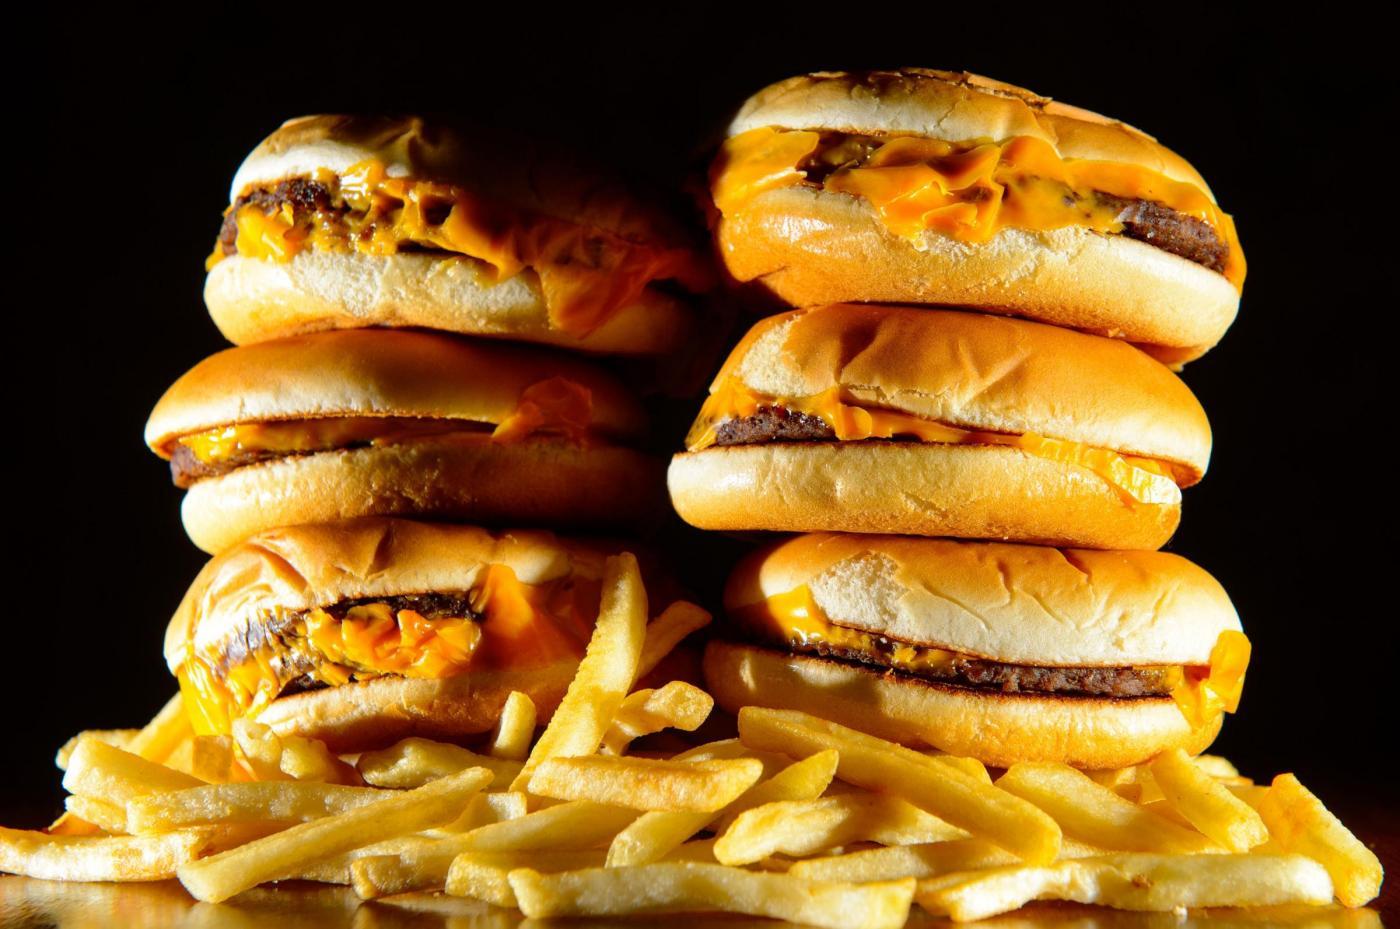 Junk food advertising